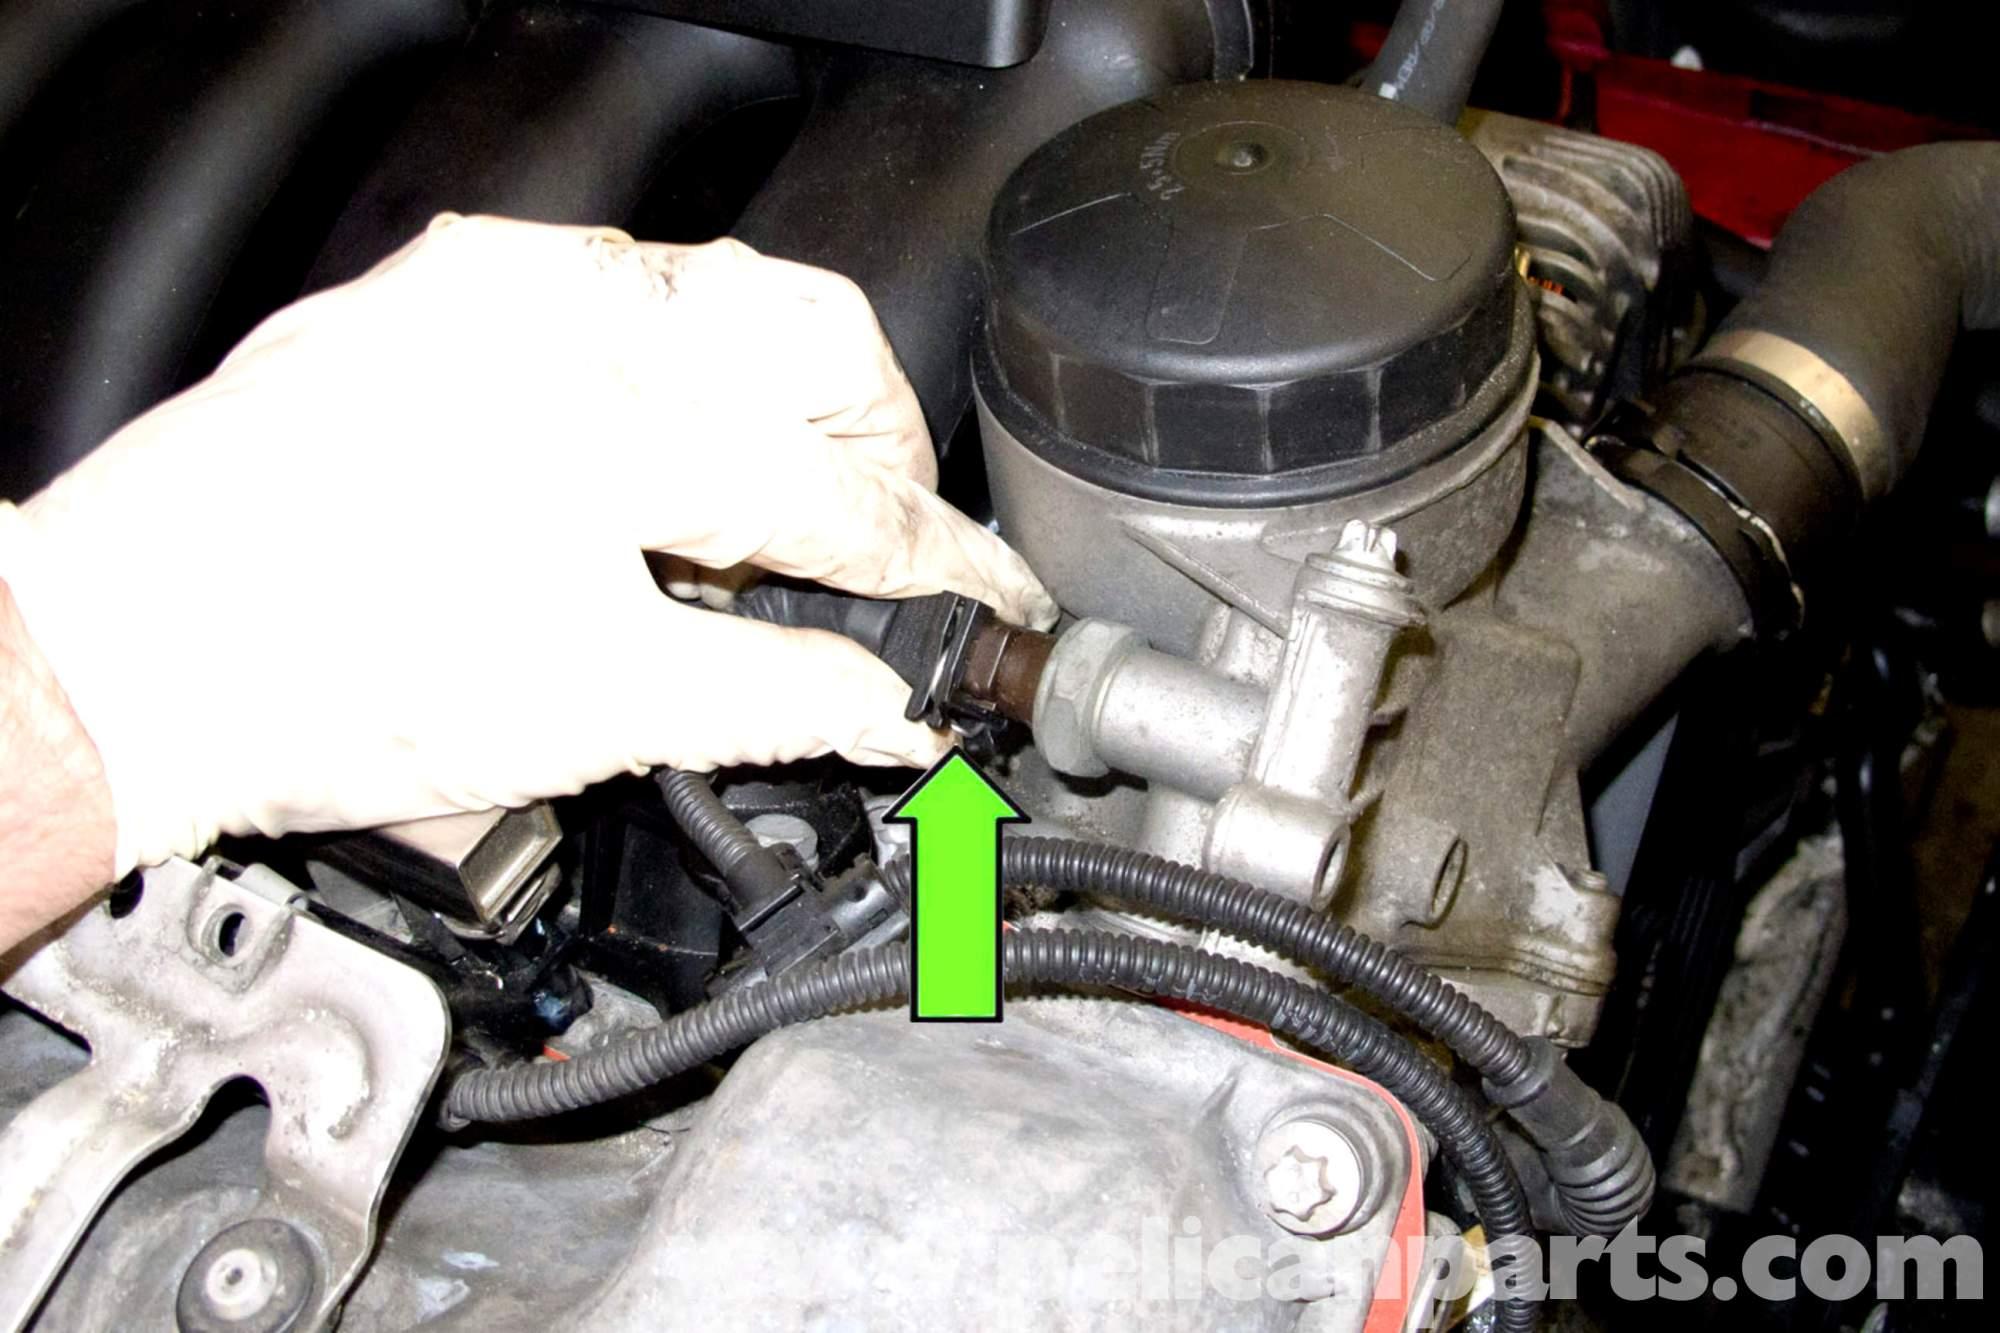 hight resolution of bmw e90 engine temperature sensor replacement e91 e92 e93 2007 bmw 328i serpentine belt diagram besides 2001 bmw 325i coolant